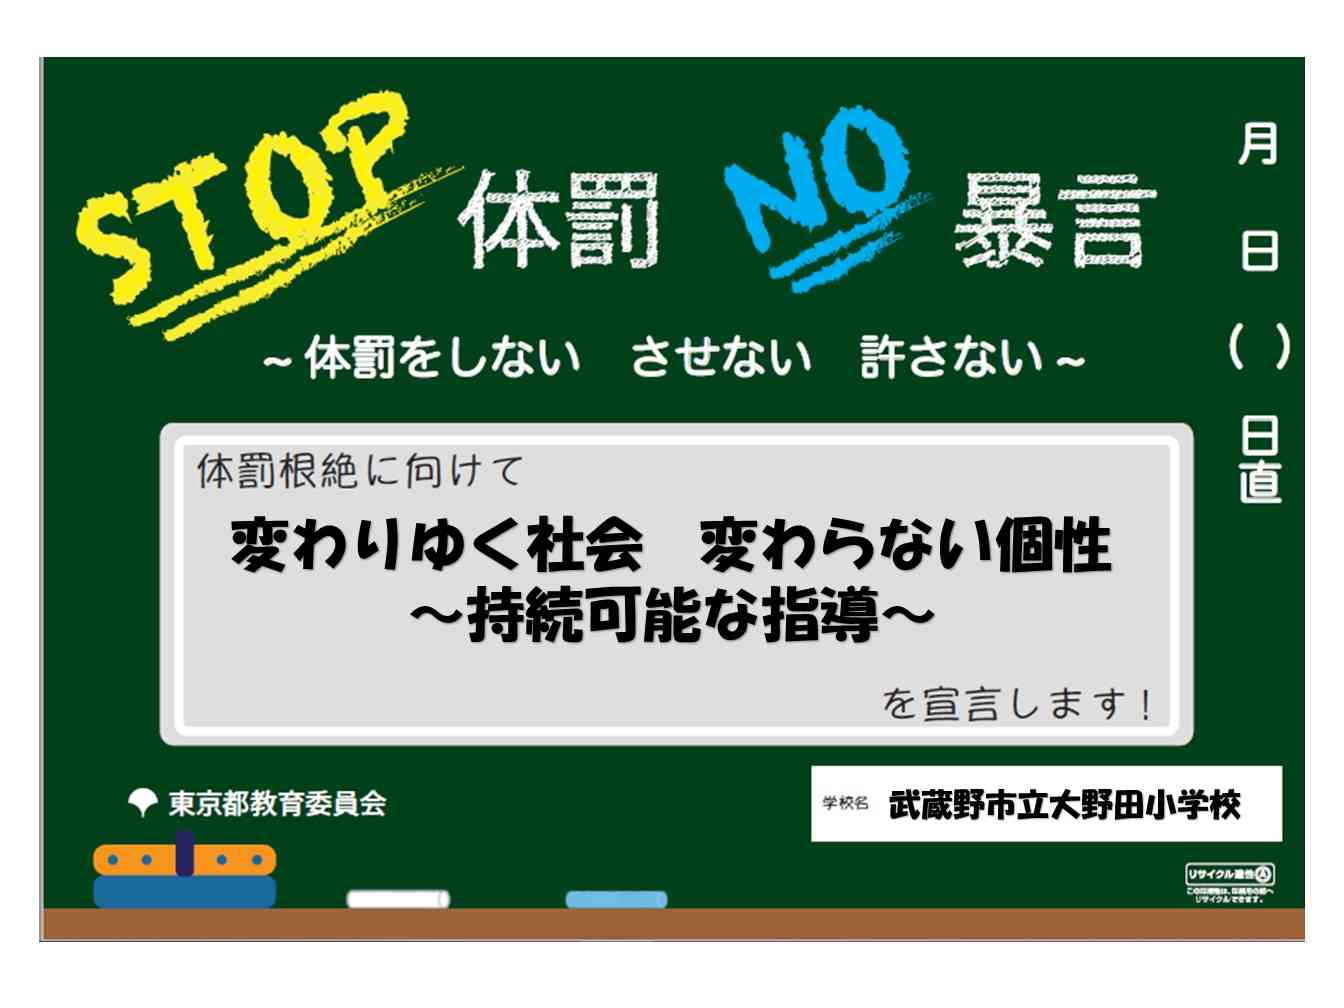 体罰防止ポスター.jpg